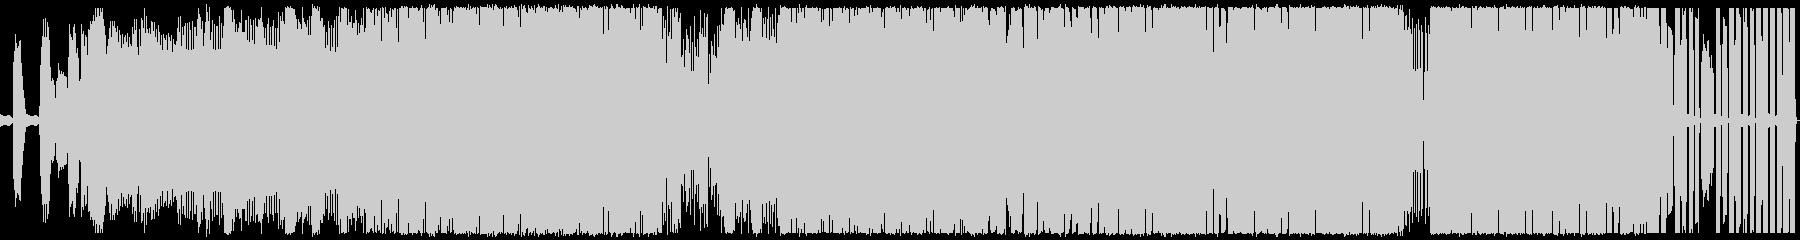 ハウス ダンス プログレッシブ ラ...の未再生の波形